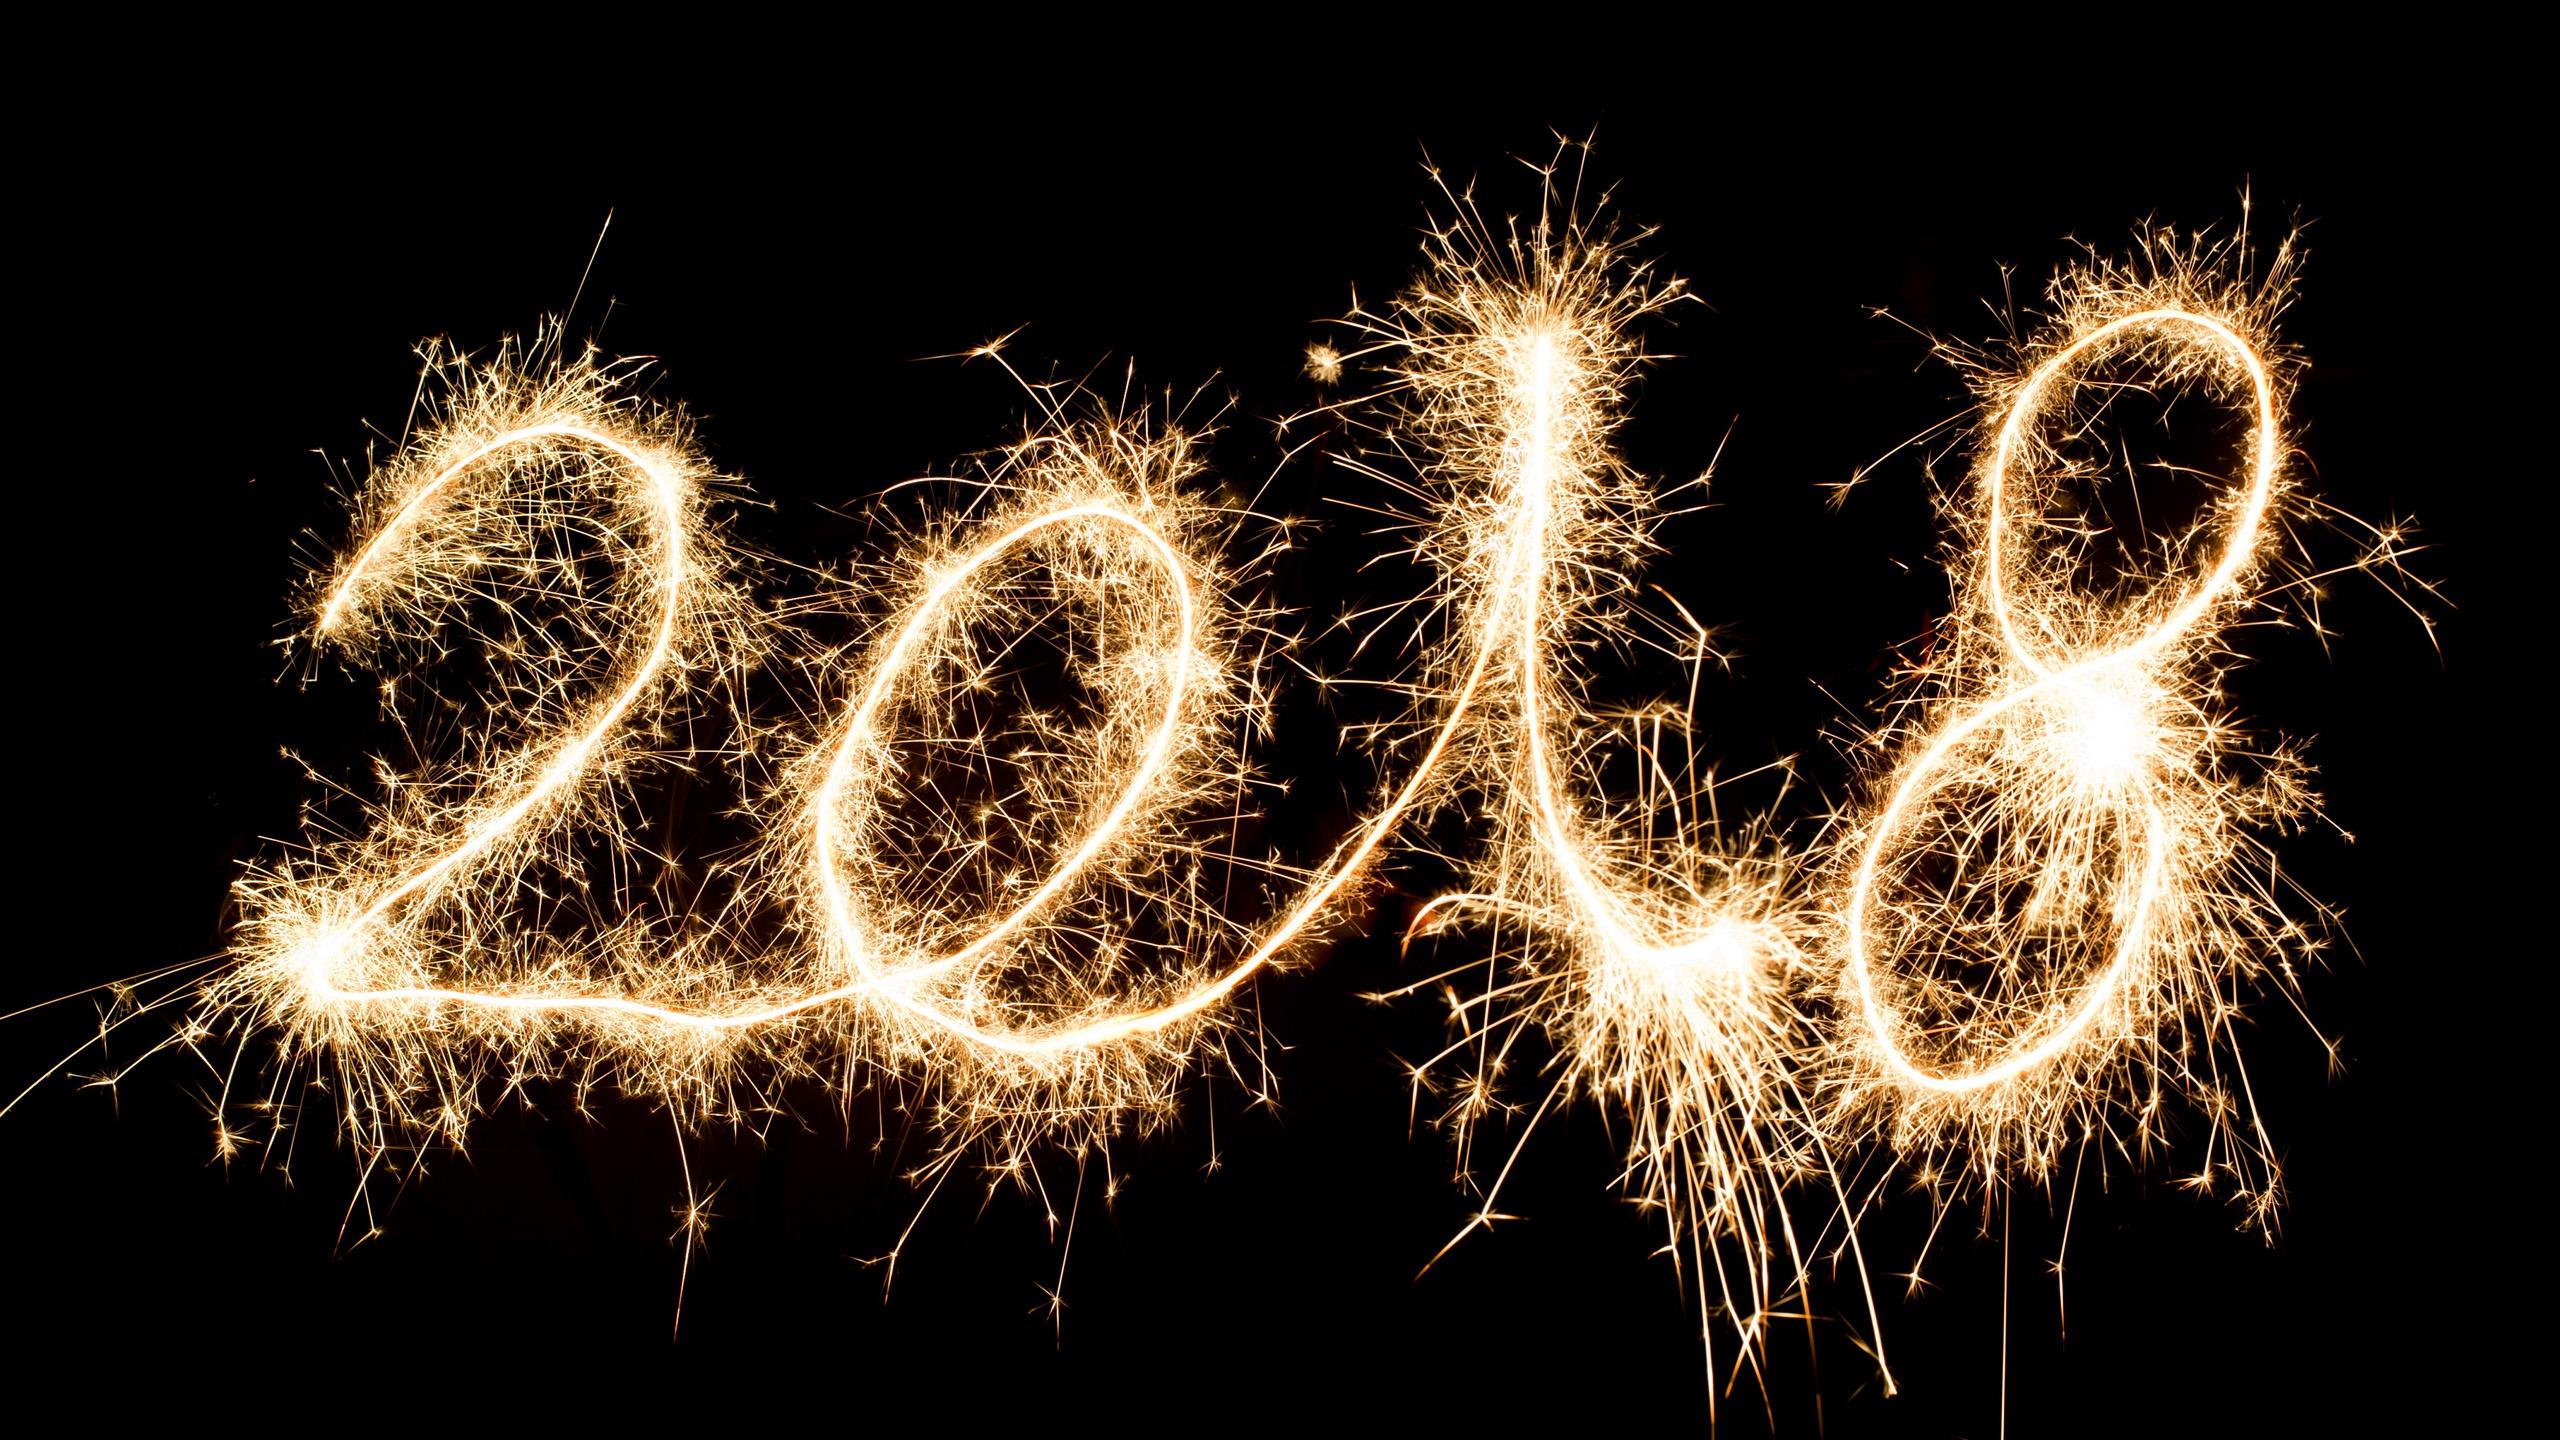 Картинка с надписью с новым годом 2018